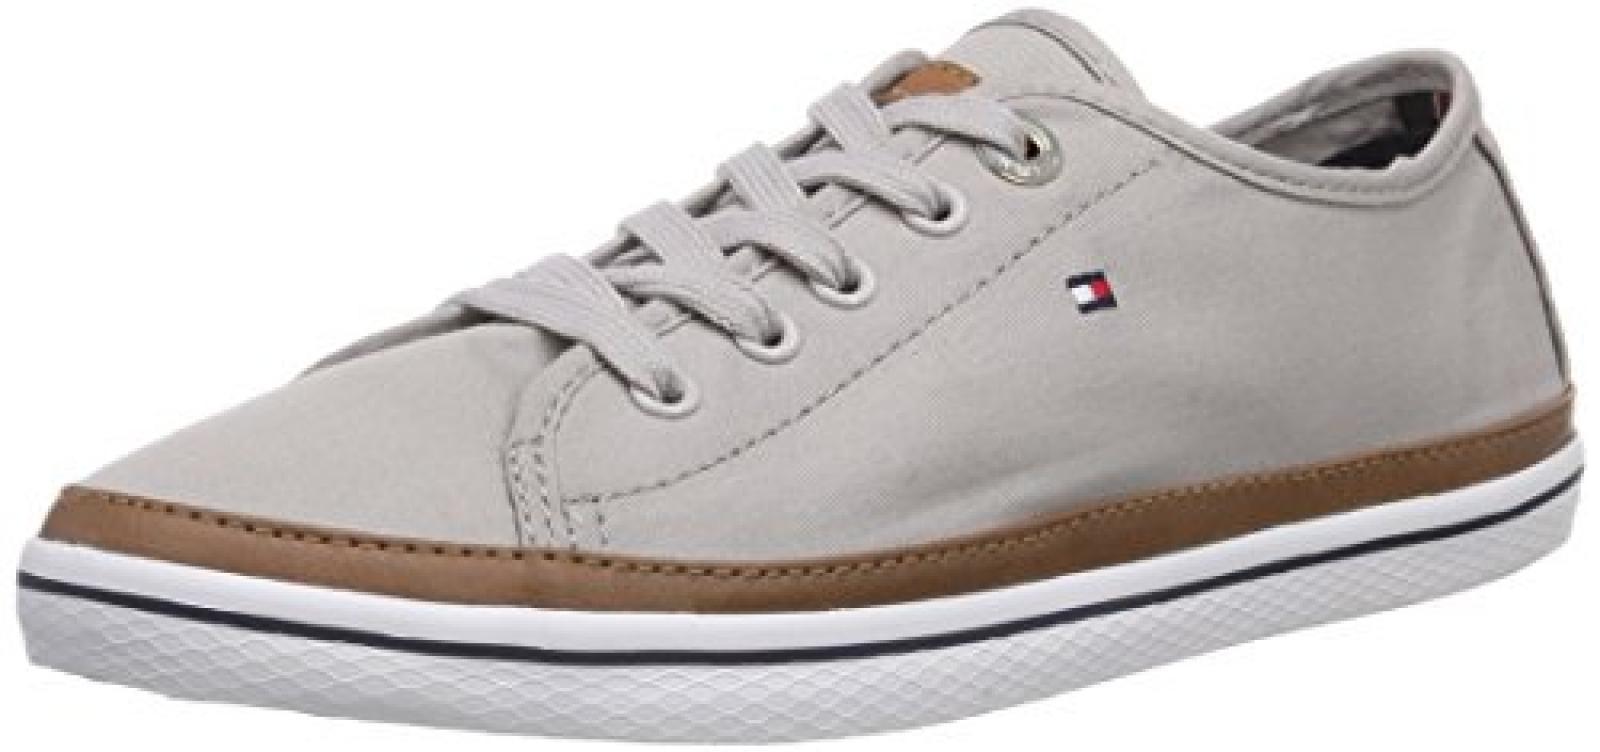 Tommy Hilfiger KESHA 6D Damen Sneakers